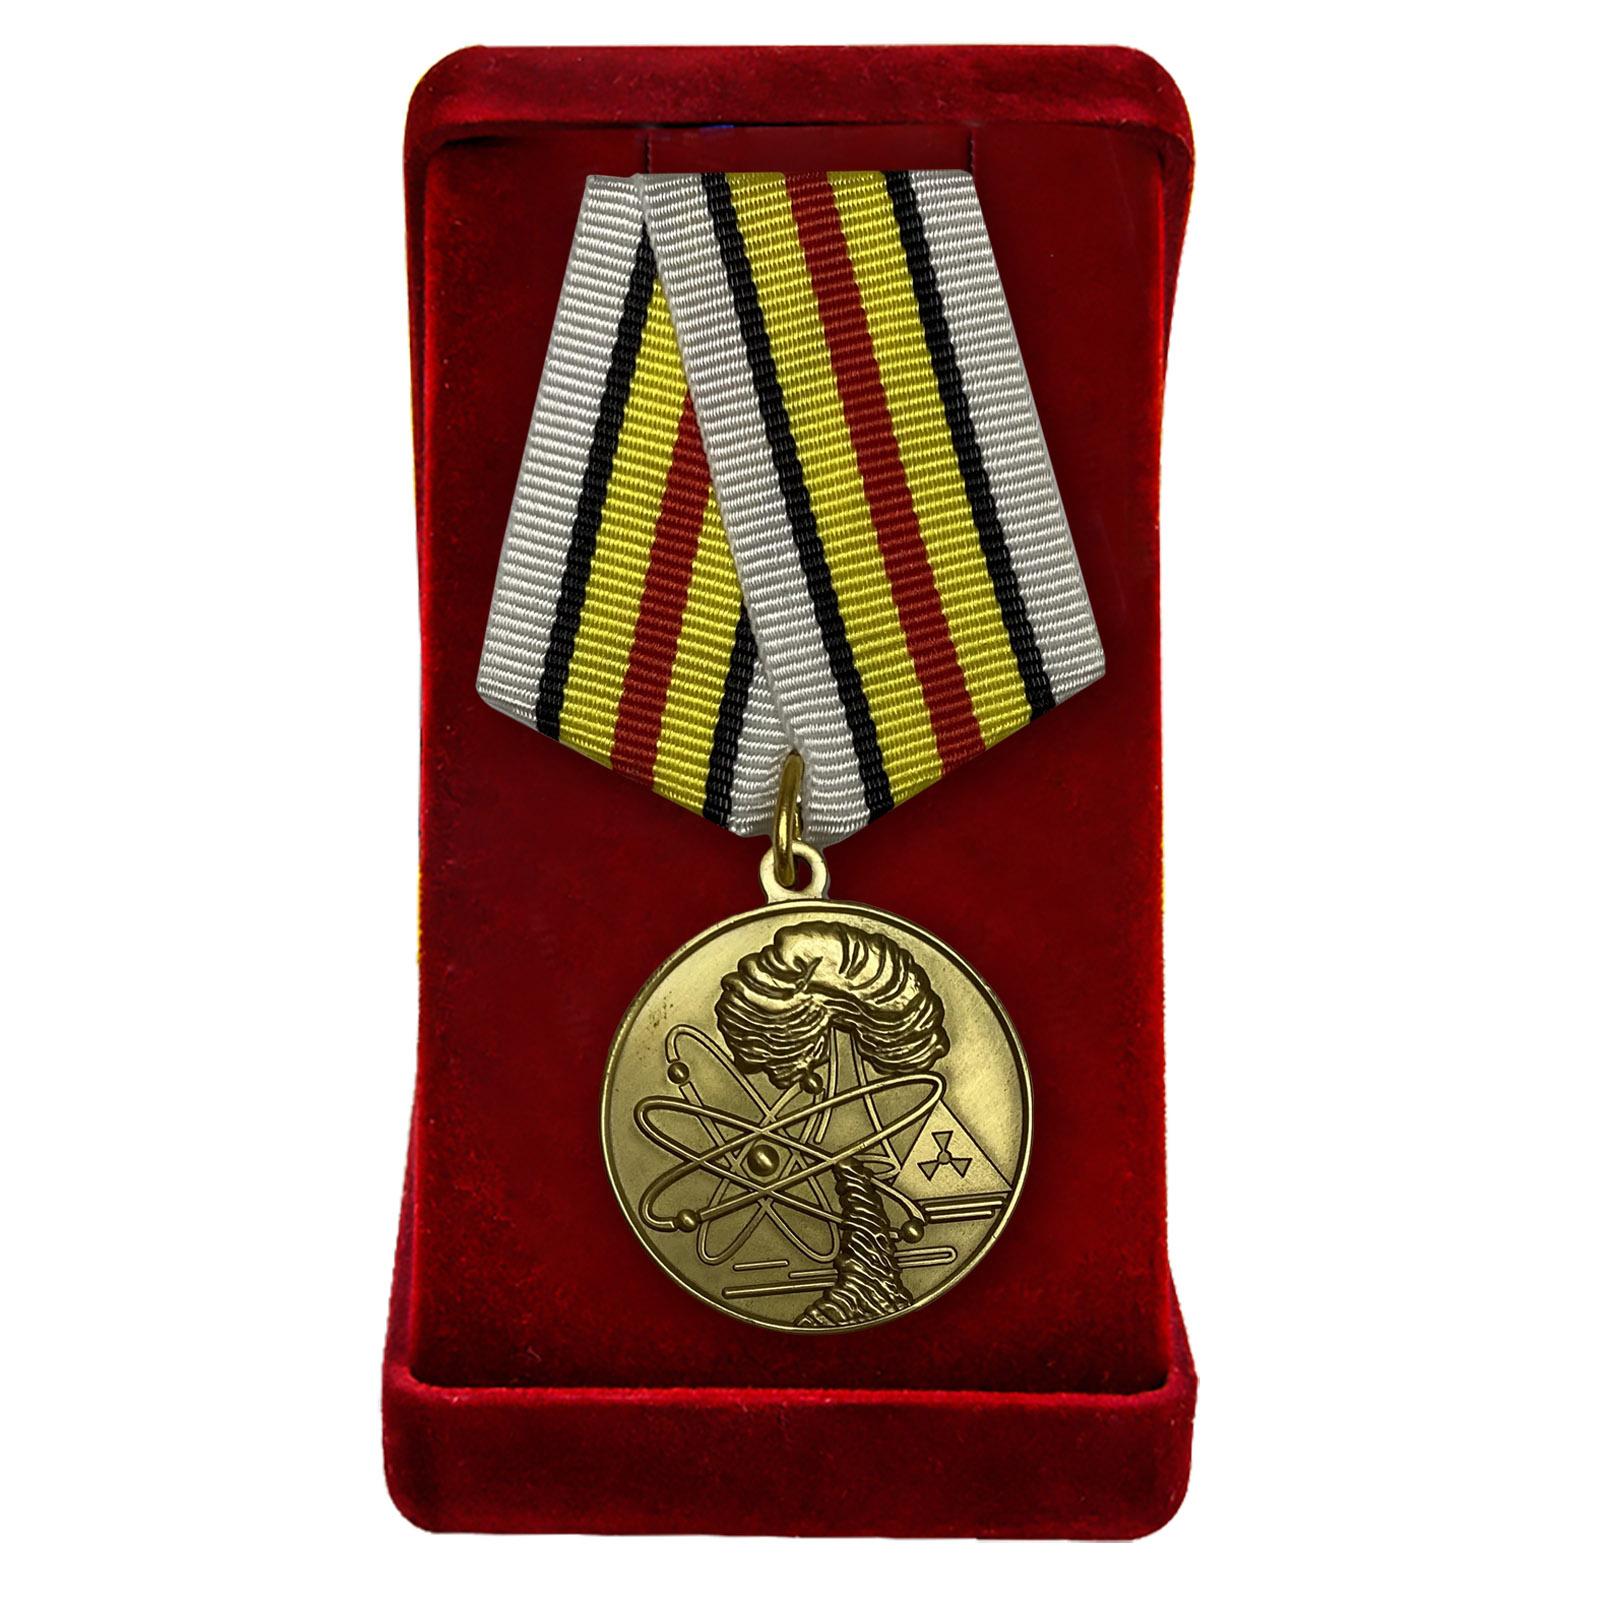 Купить памятную медаль Ветераны подразделений особого риска оптом выгодно